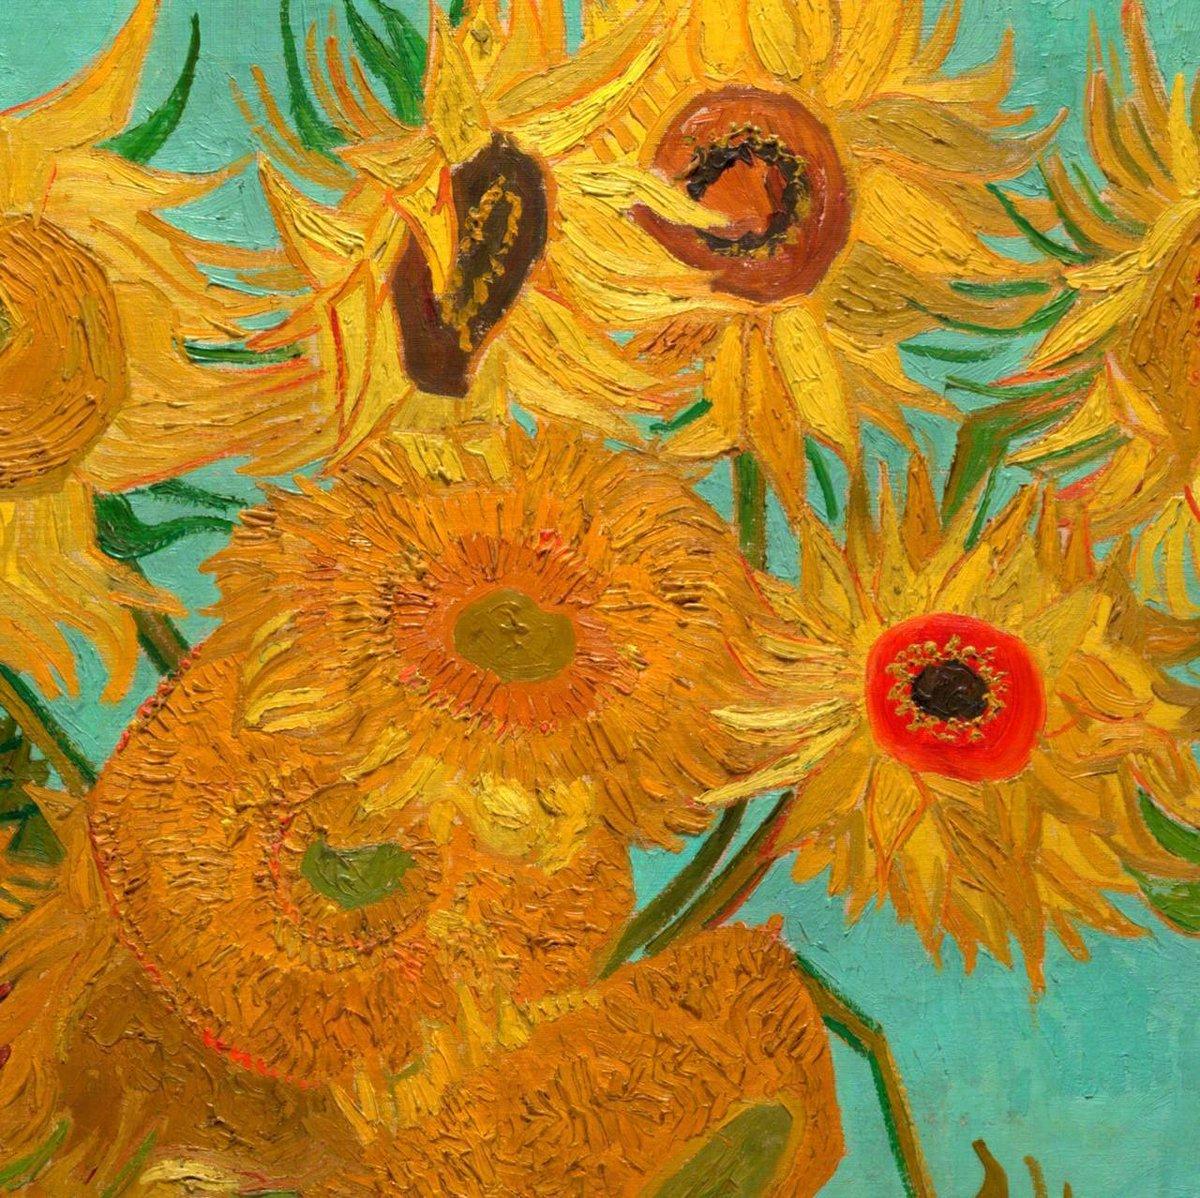 Aesthetic Sharer Zhr On Twitter Van Gogh S Flower Painting